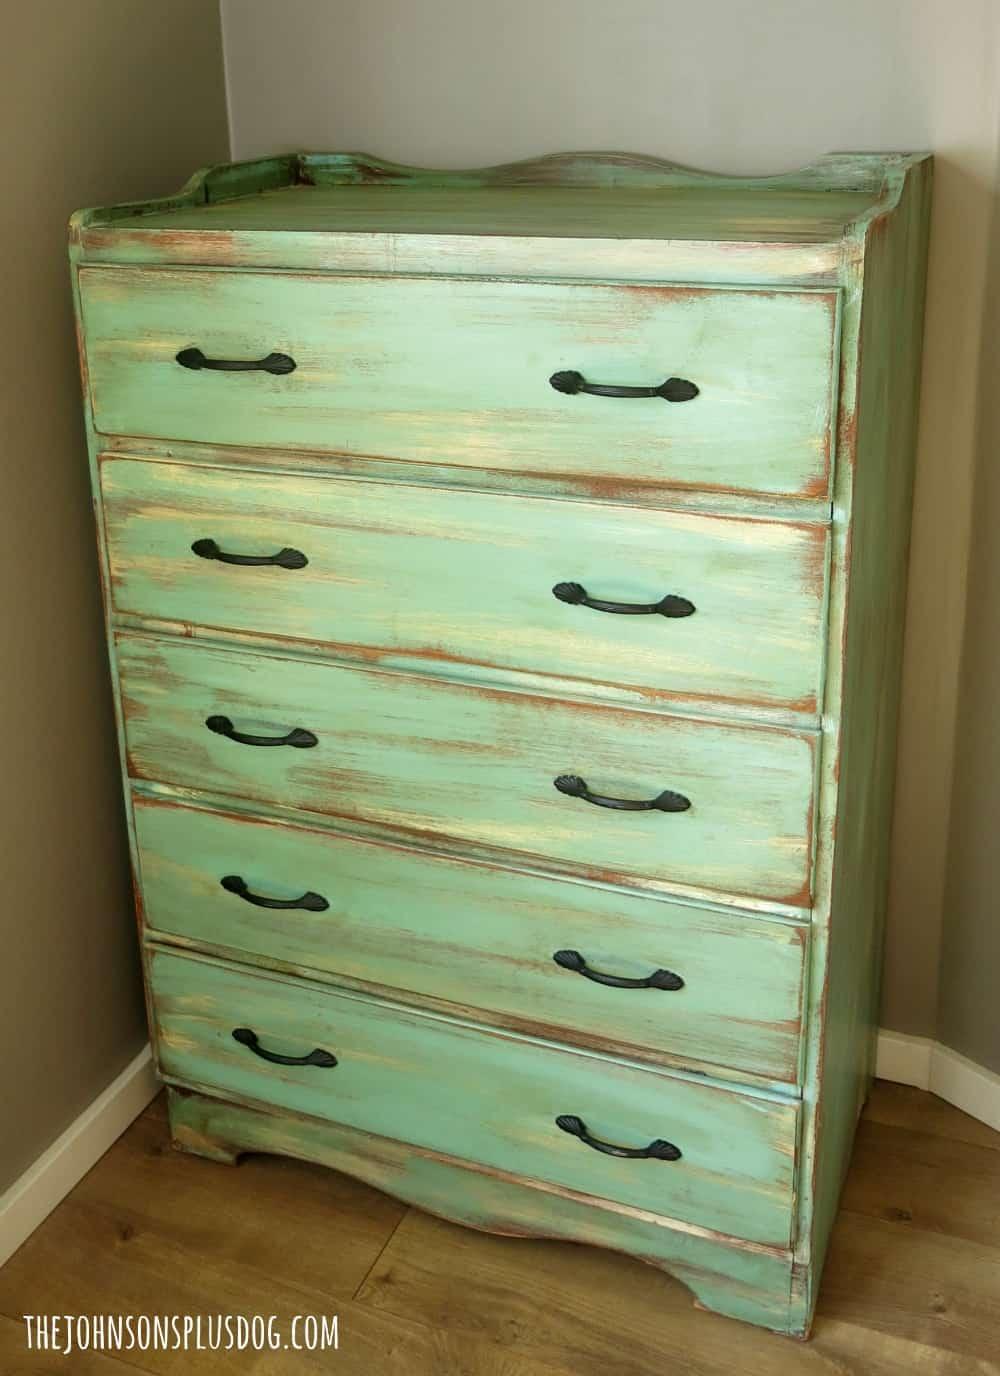 $4 Thrift Store Dresser Transformation